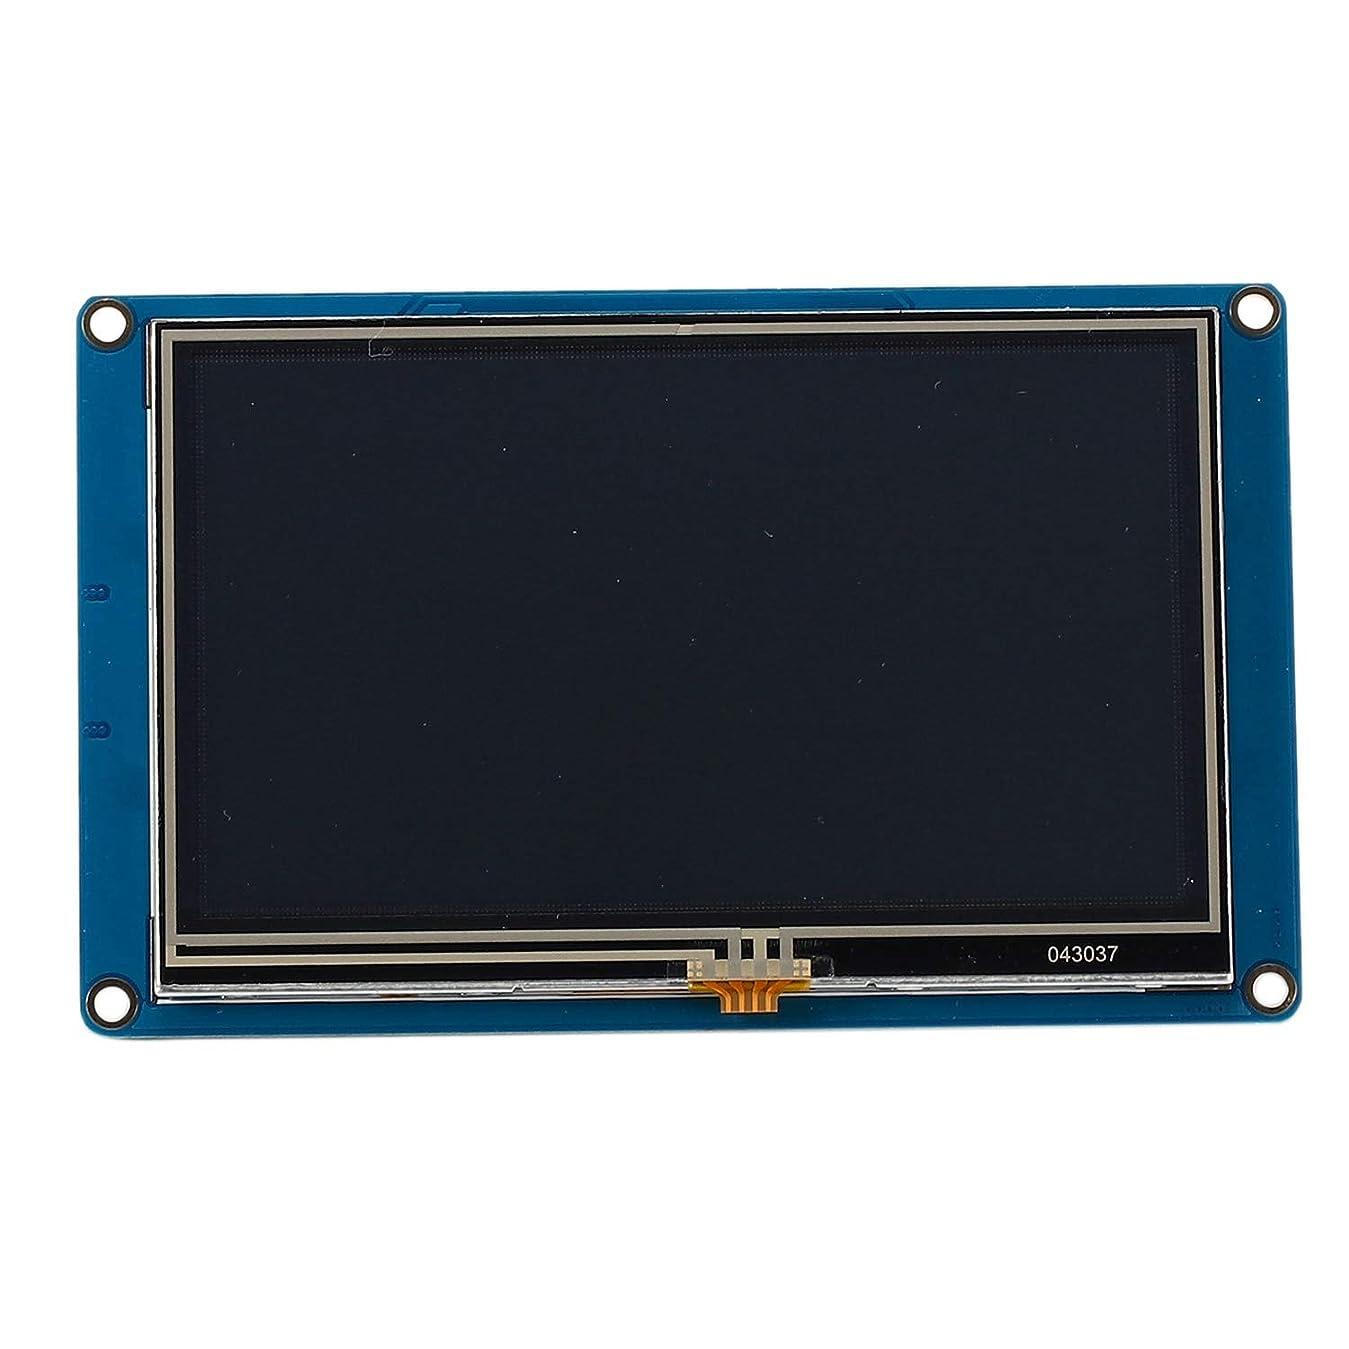 シールド一時停止化粧Luntus 4.3インチ Nextion H用 インテリジェントスマートUSART UARTシリアルプレス TFT LCDモジュールのディスプレイパネル Raspberry Pi 2 A + B + R3 Mega2560用